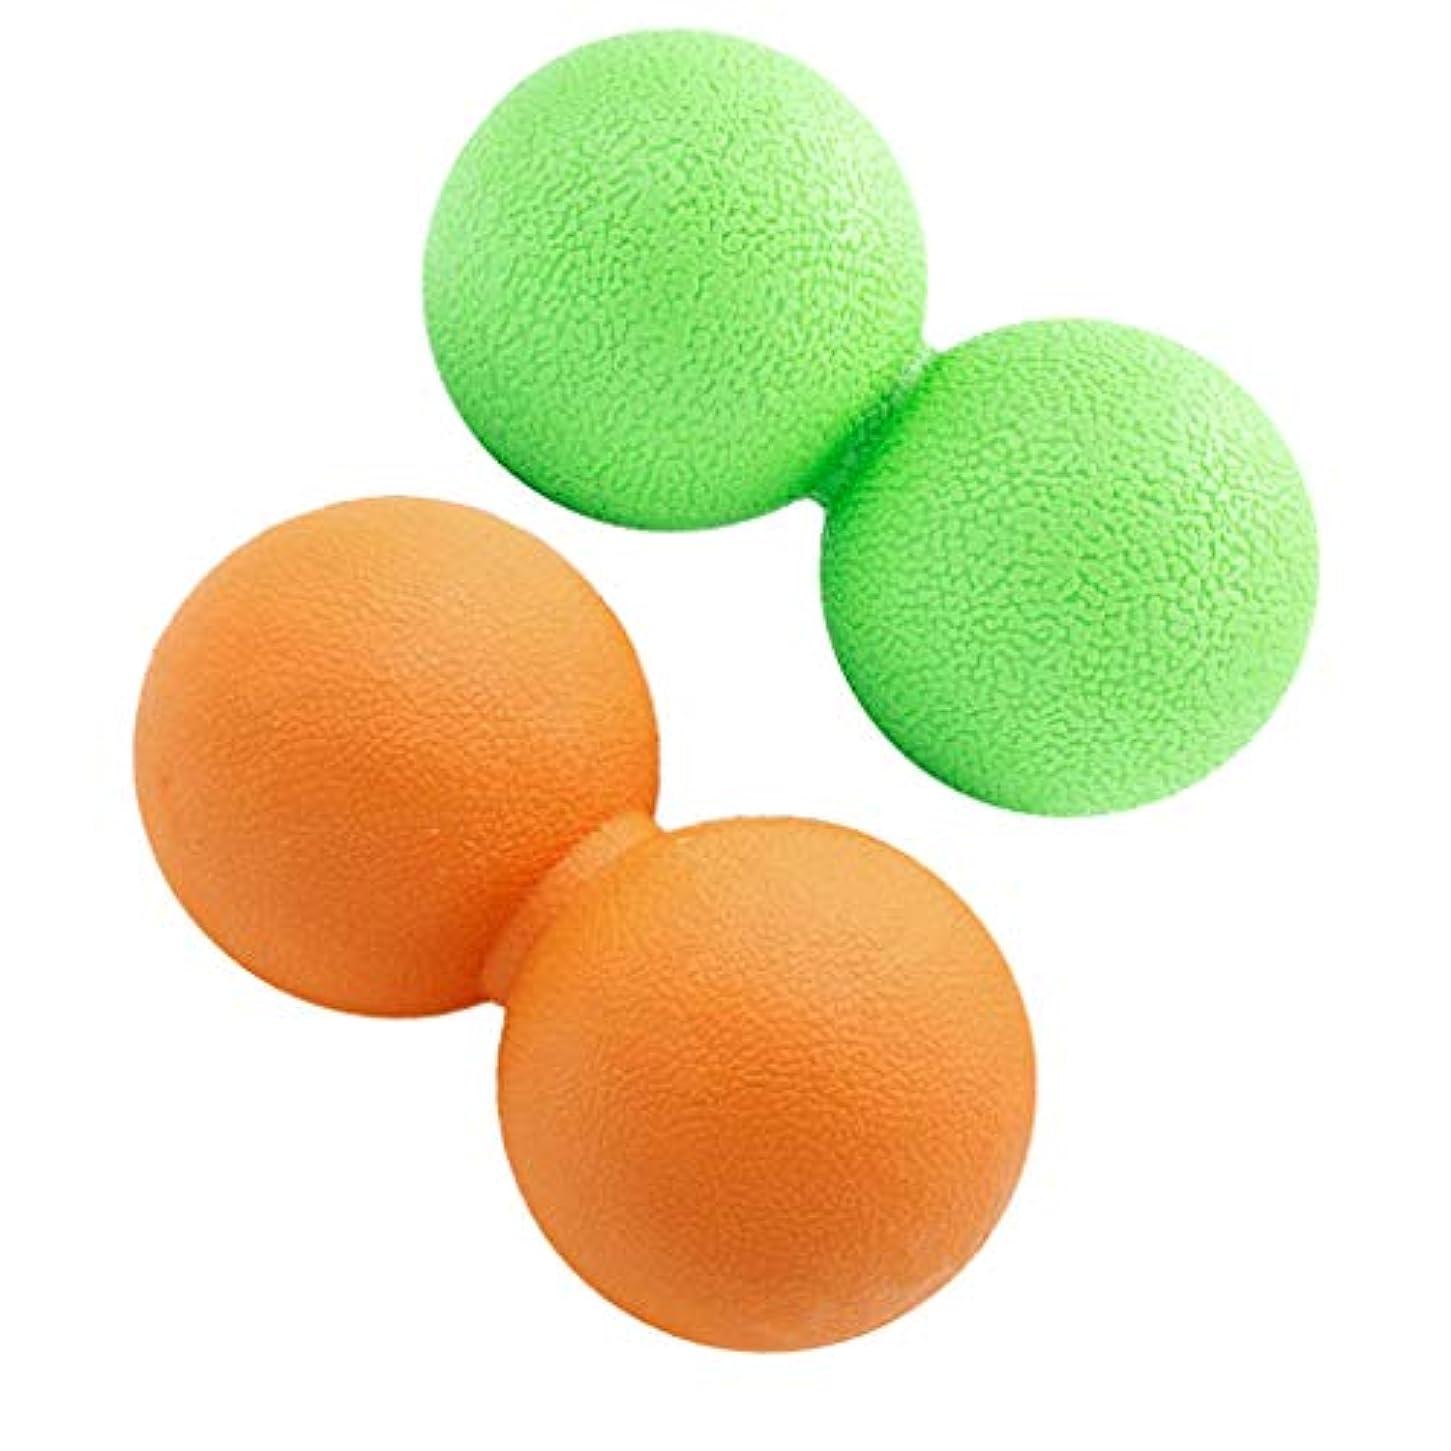 ペチコート事簡単に2個 マッサージボール ピーナッツ型 筋膜リリース トリガーポイント リラックス 携带便利